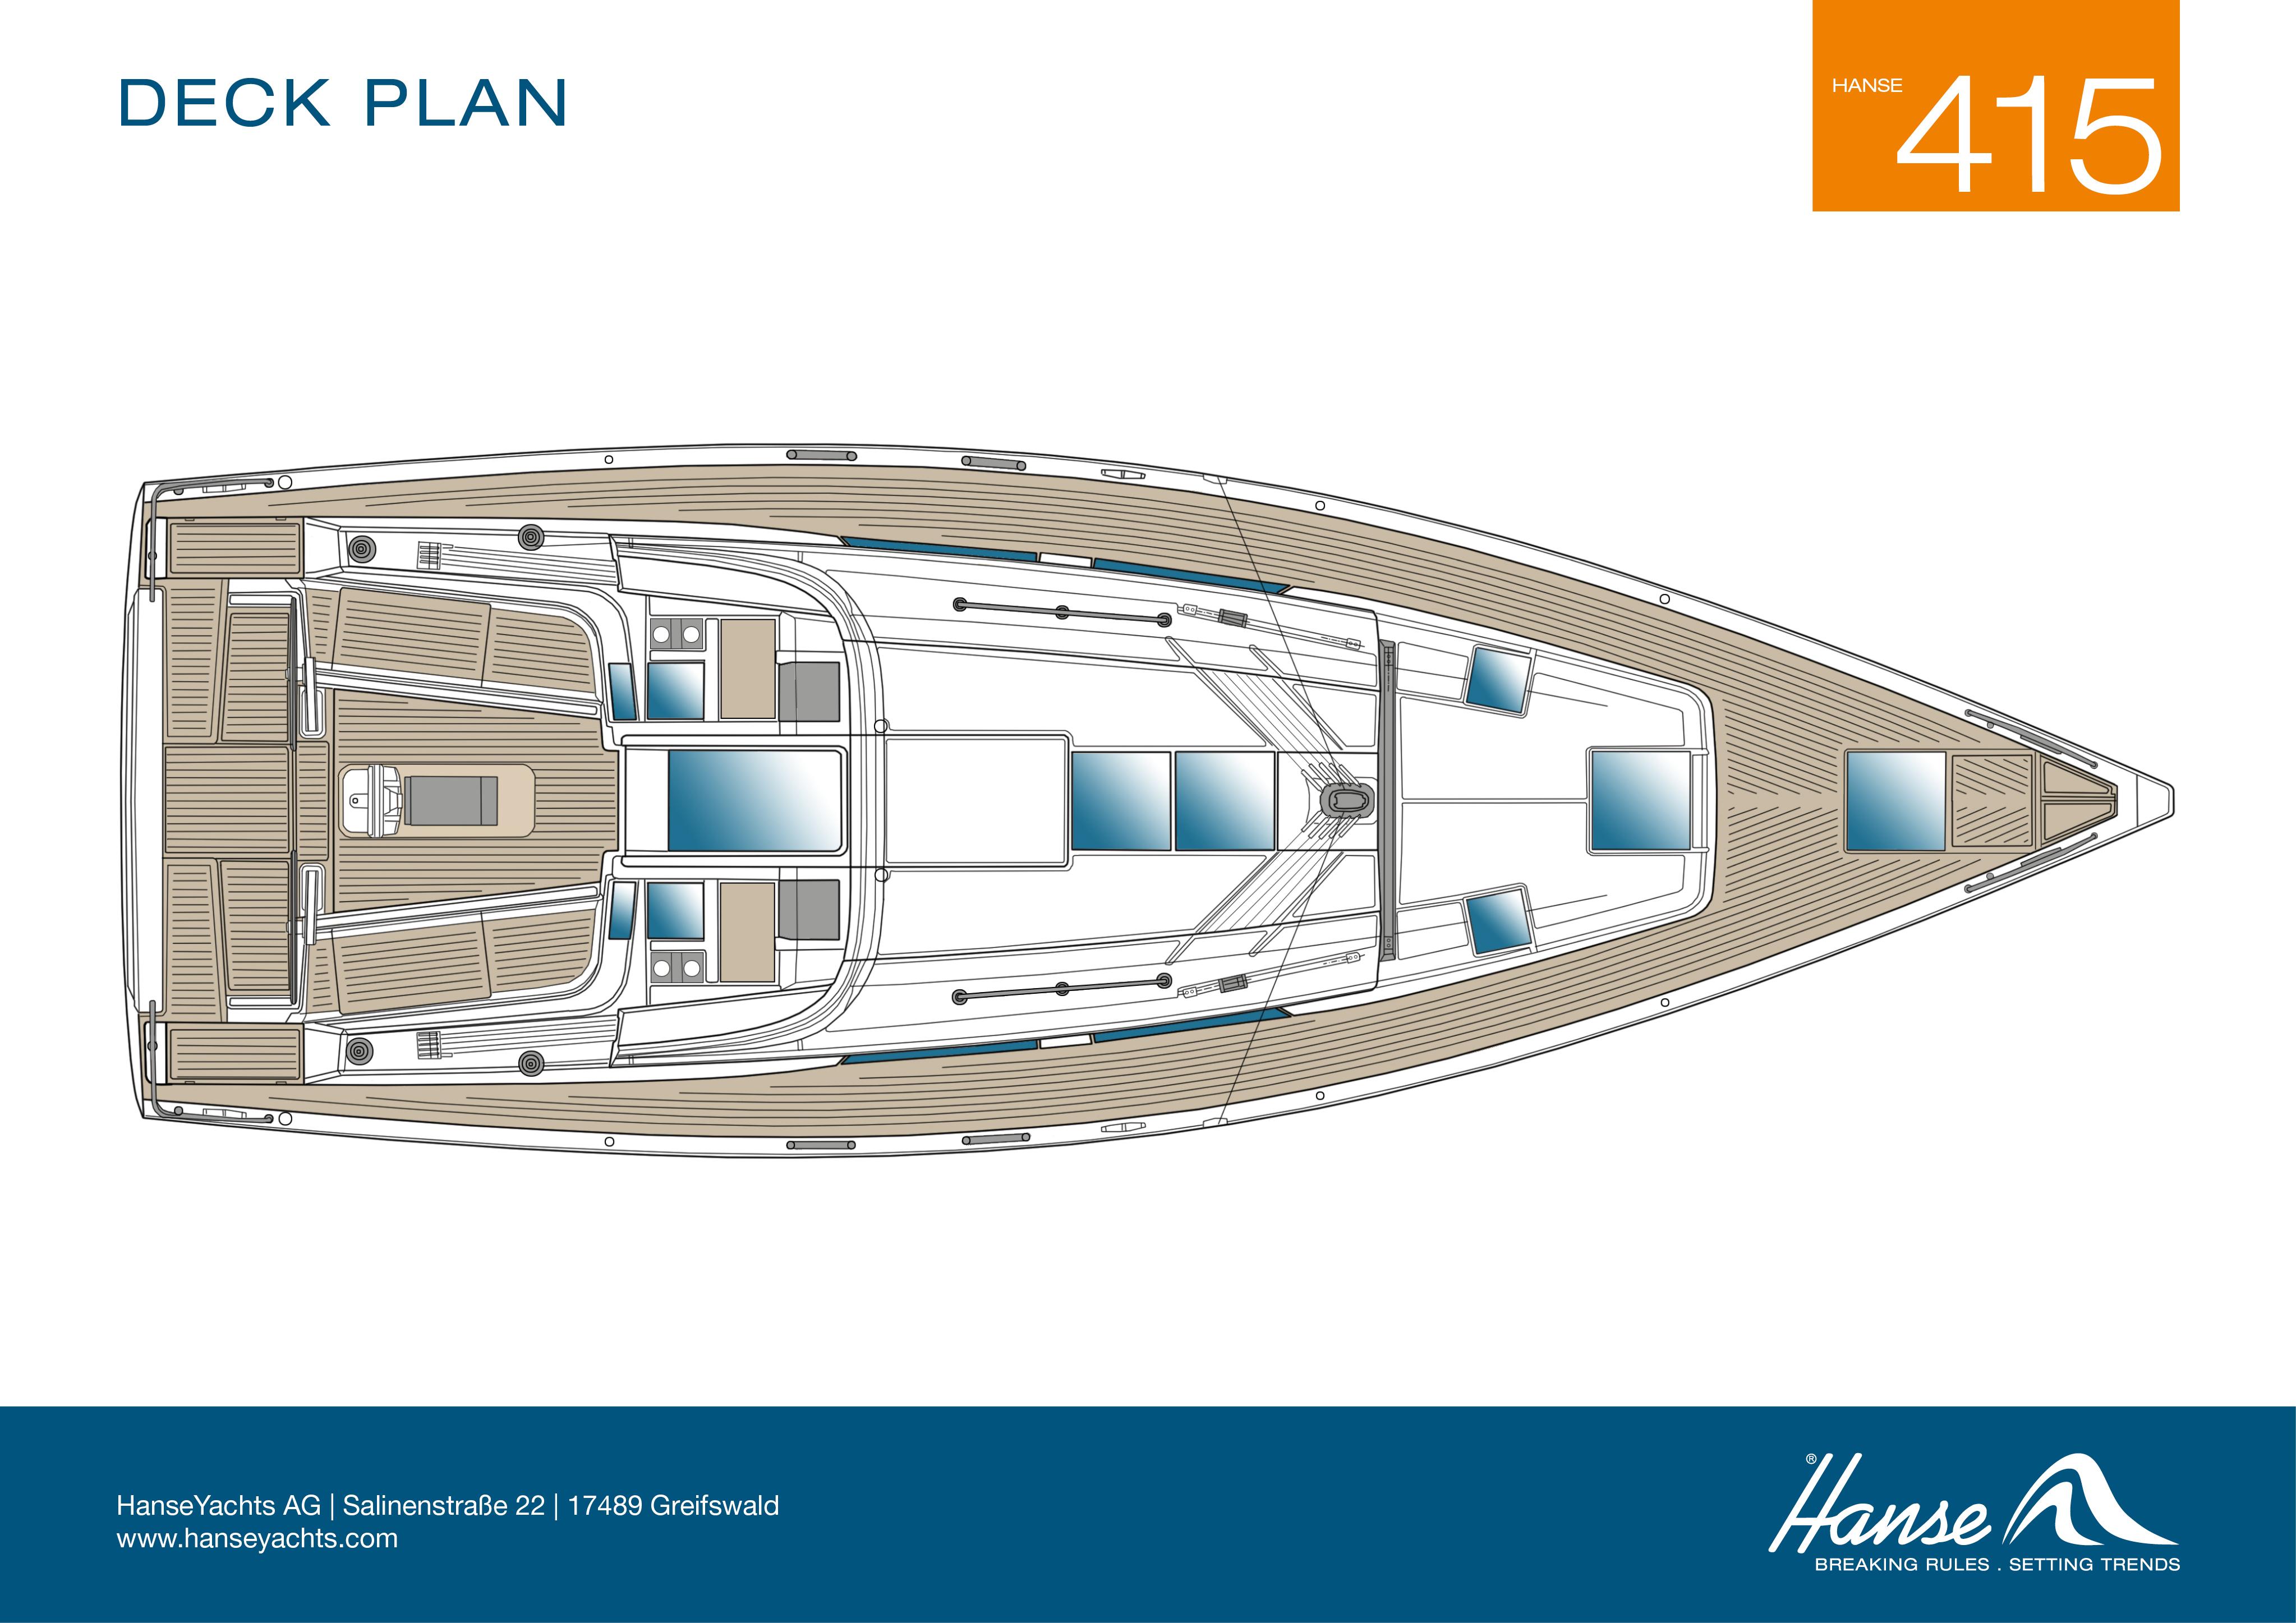 Hanse  - layout-hanse-415-268358.jpg